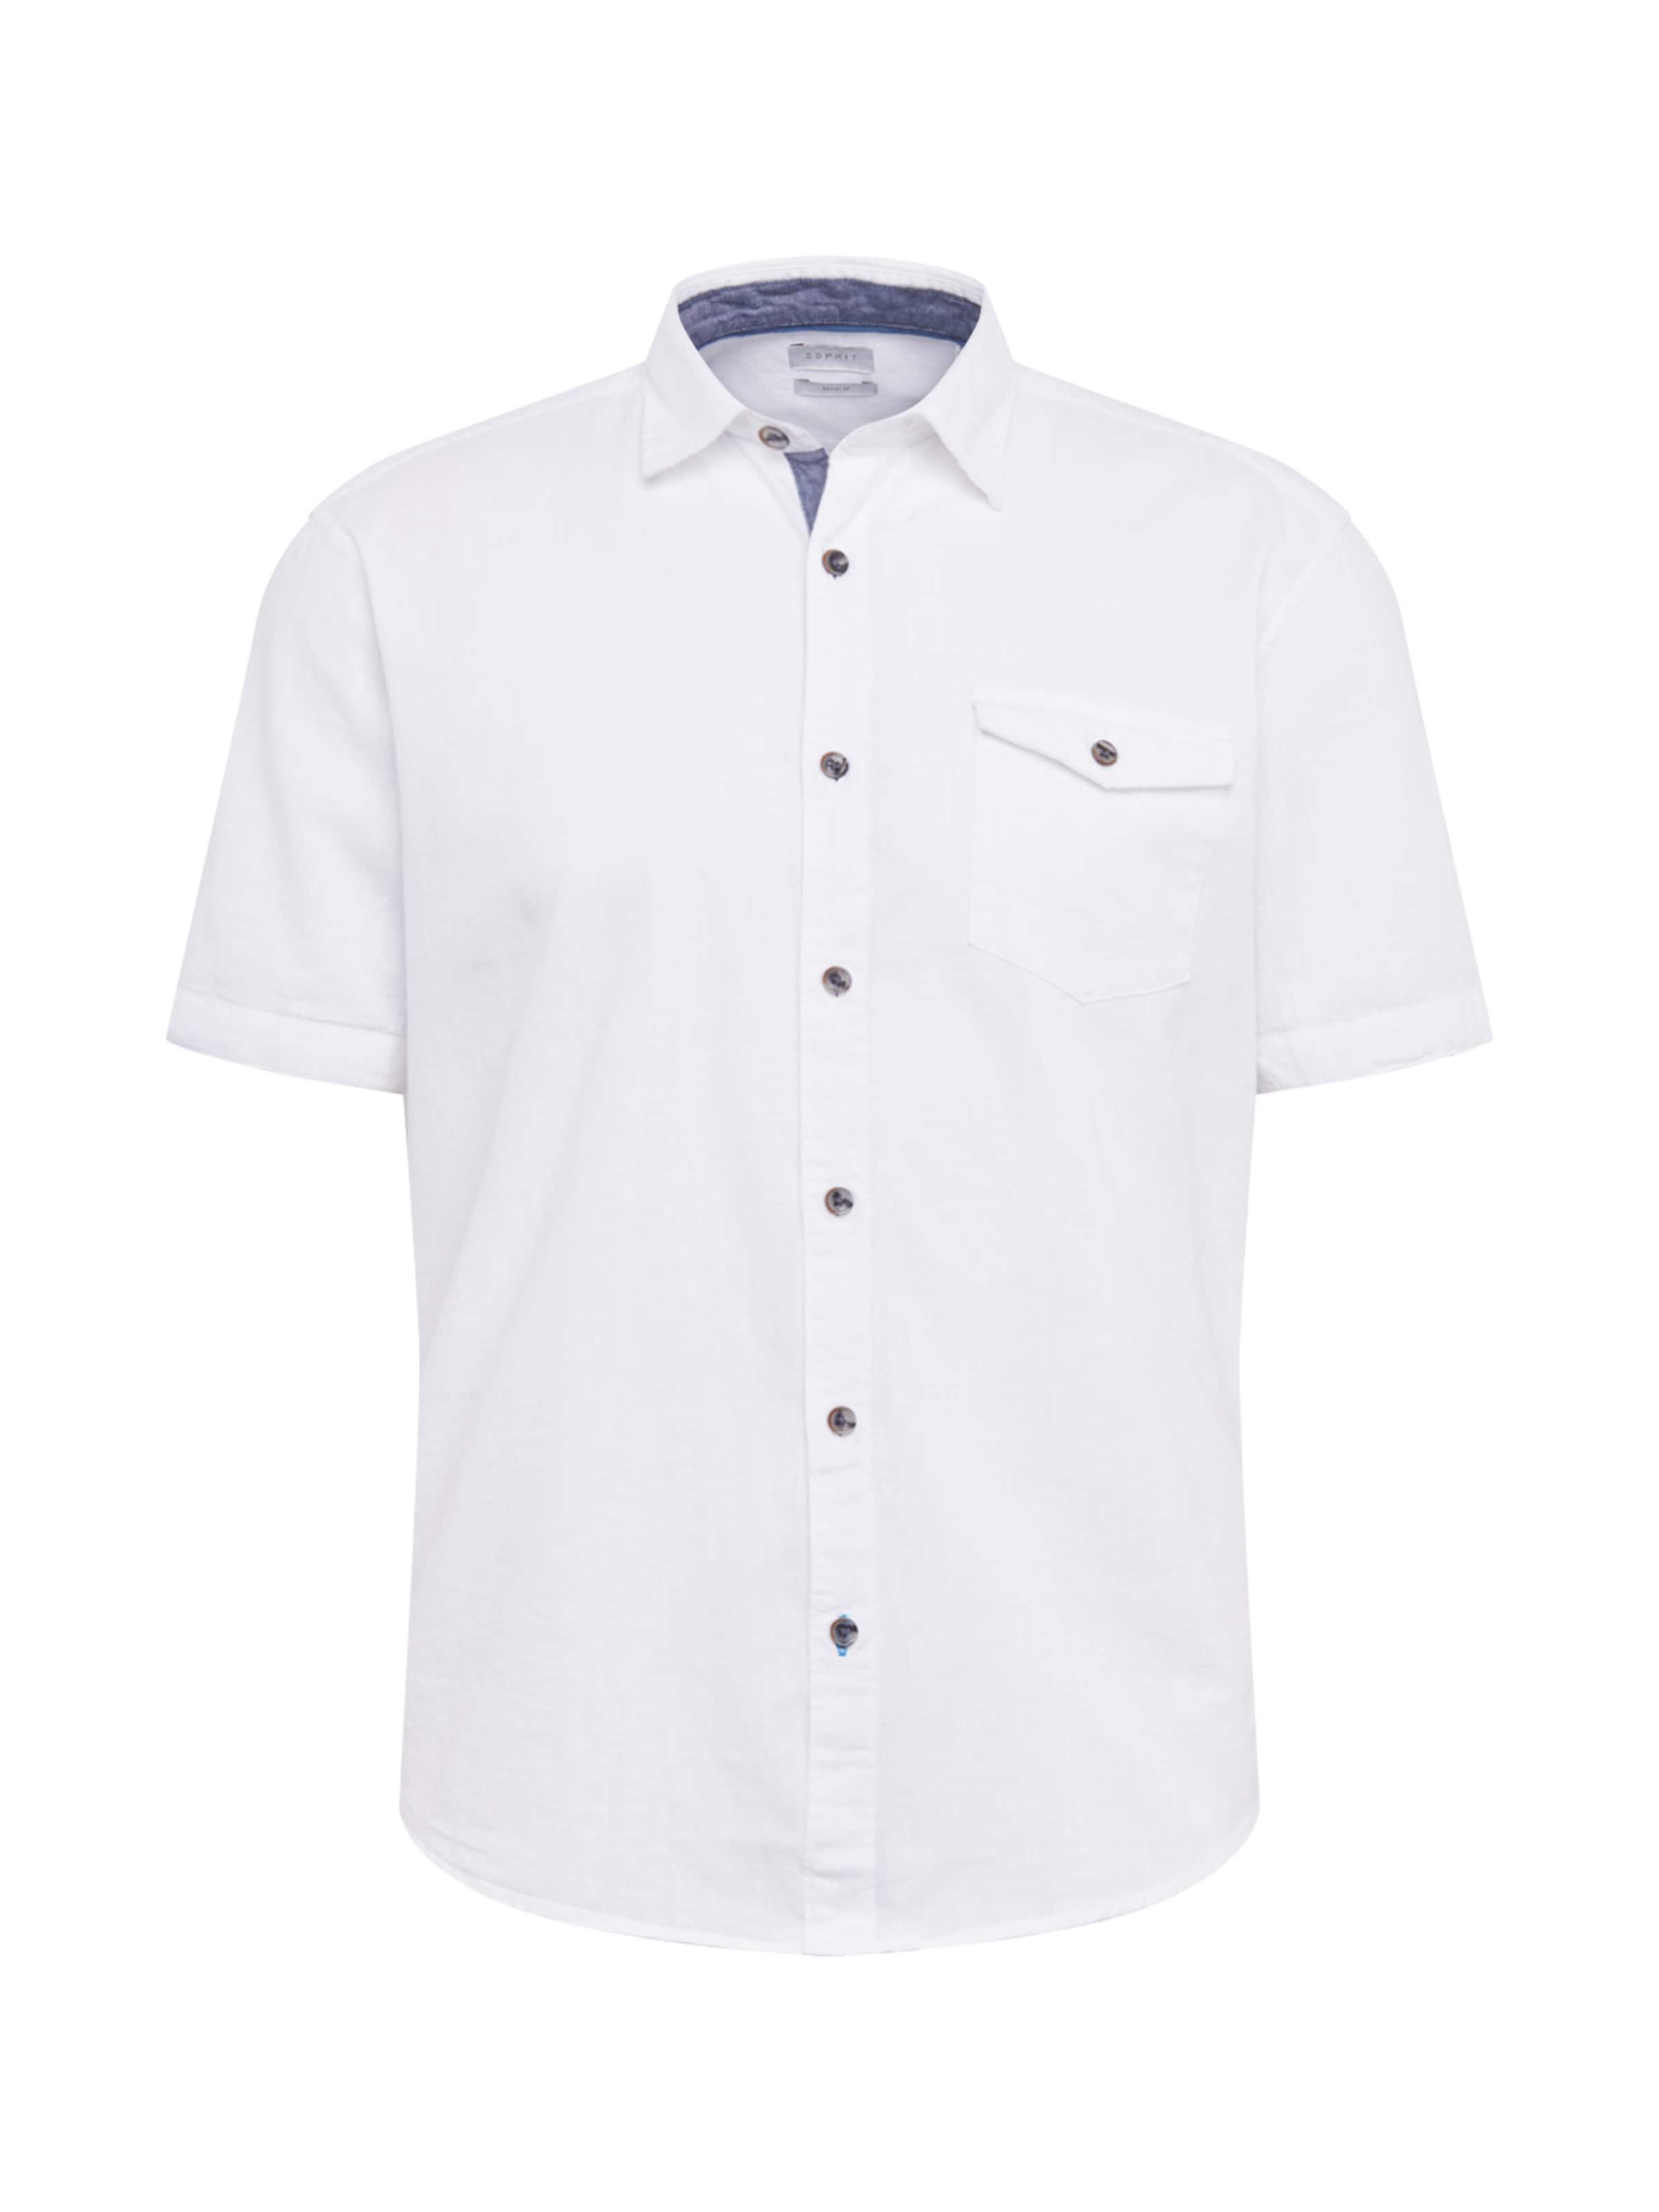 Esprit Chemise En Blanc Chemise Chemise En Blanc En Blanc Esprit Esprit FKJcu1Tl3